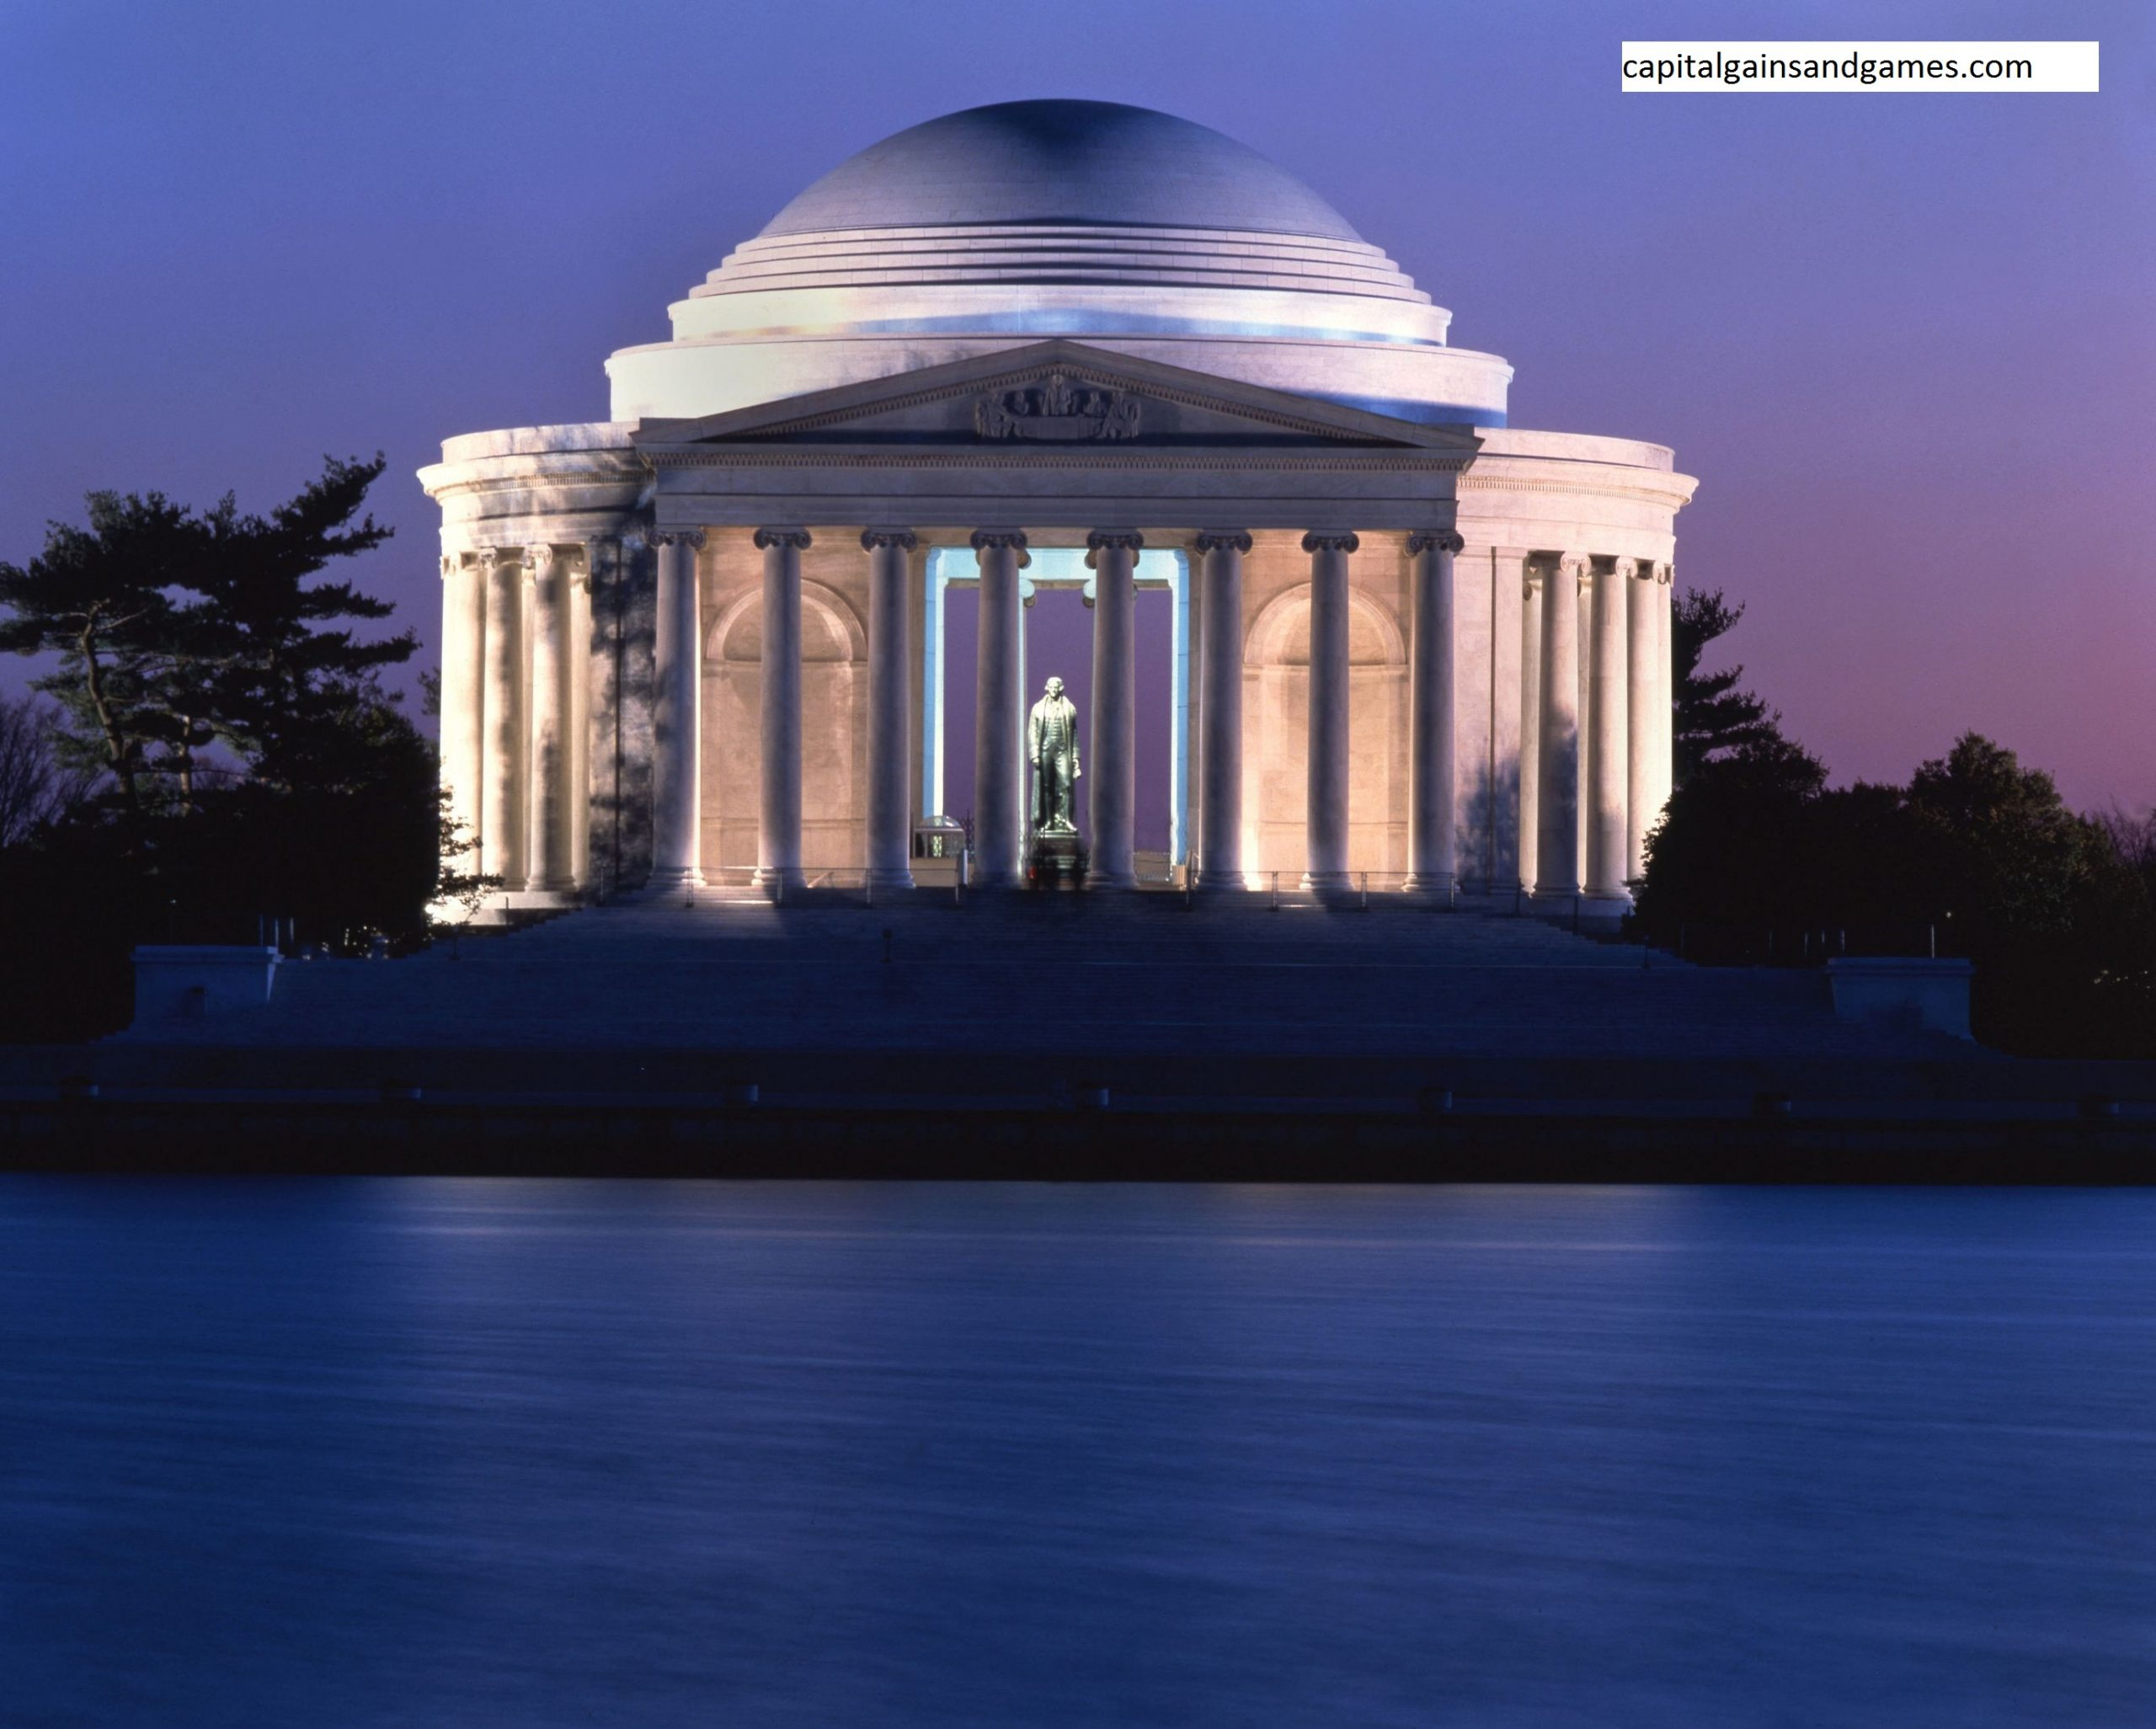 Sejarah Konstruksi dan Tampilan Jefferson Memorial di Washington, DC